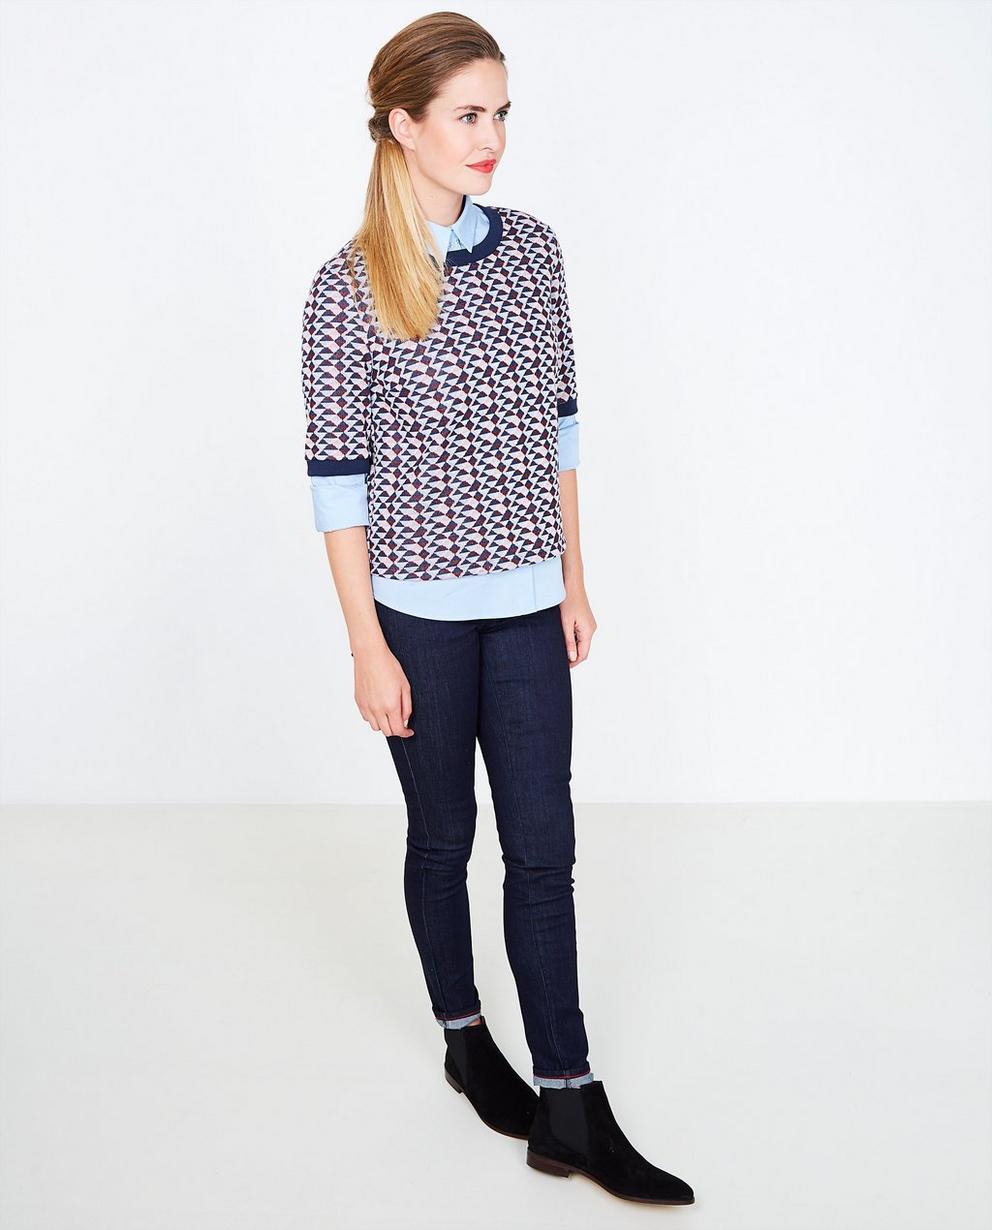 Fijngebreide blouse - met grafisch patroon - JBC